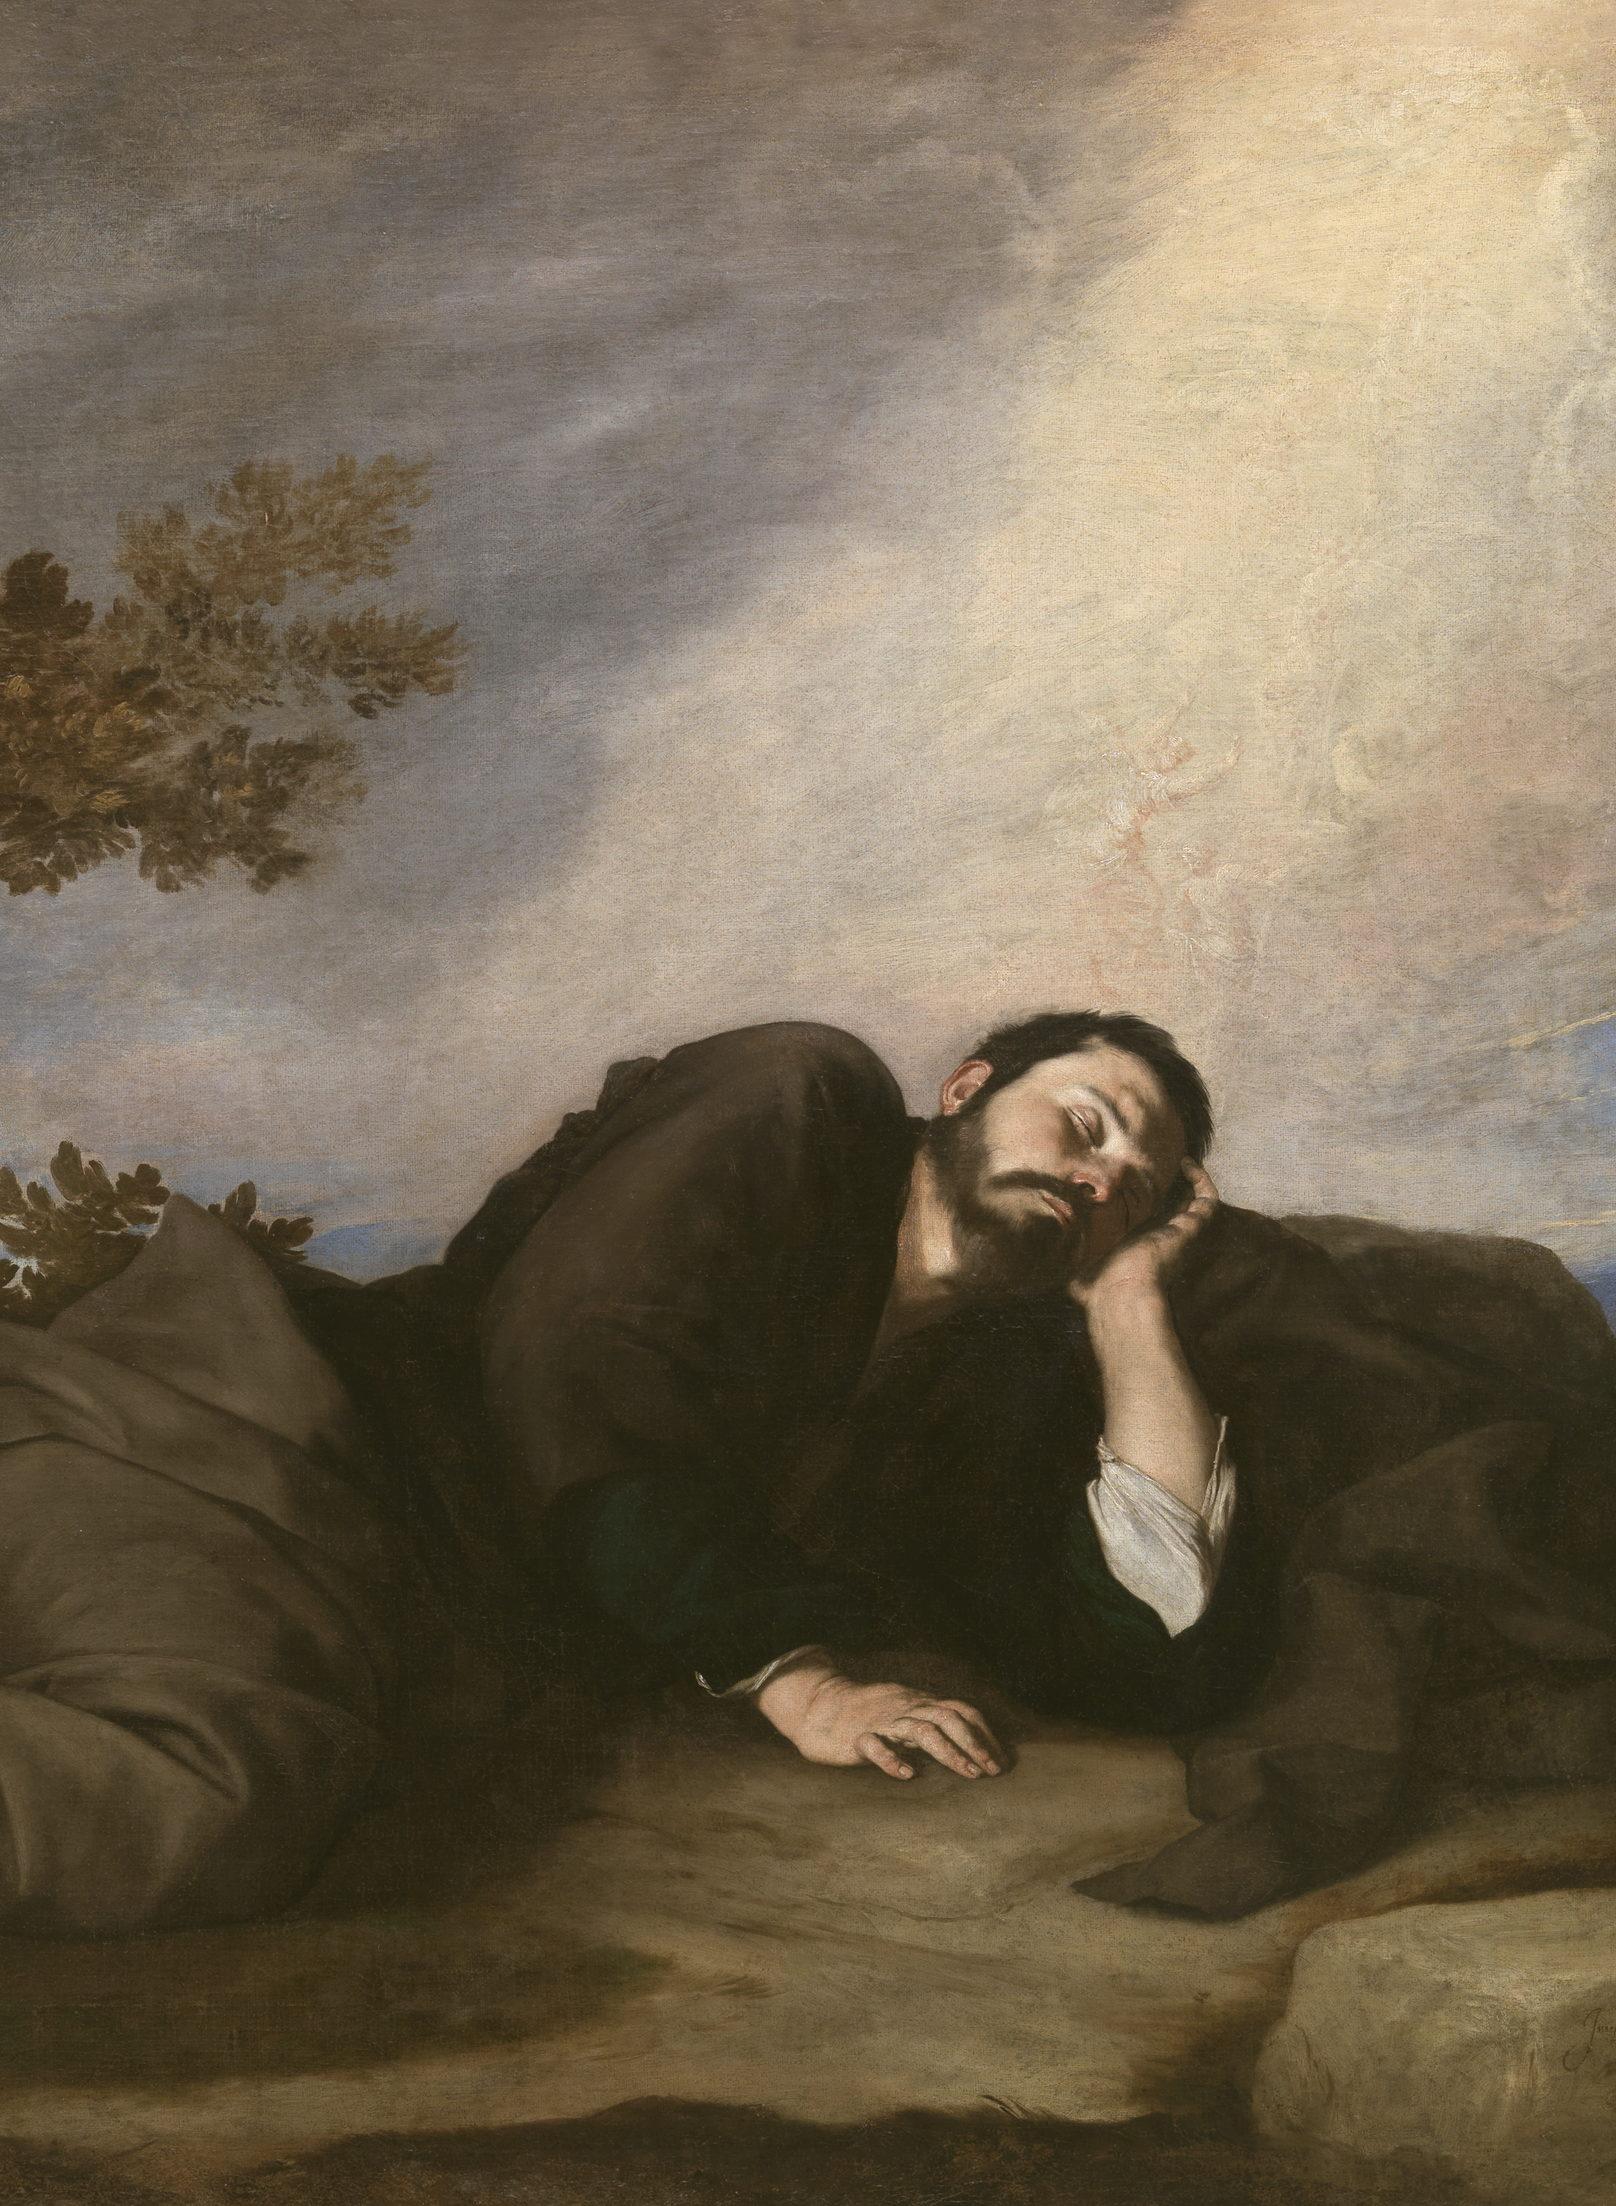 Le songe de Jacob, José de Ribera, Huile sur toile, 179 × 233 cm, 1639, Musée du Prado